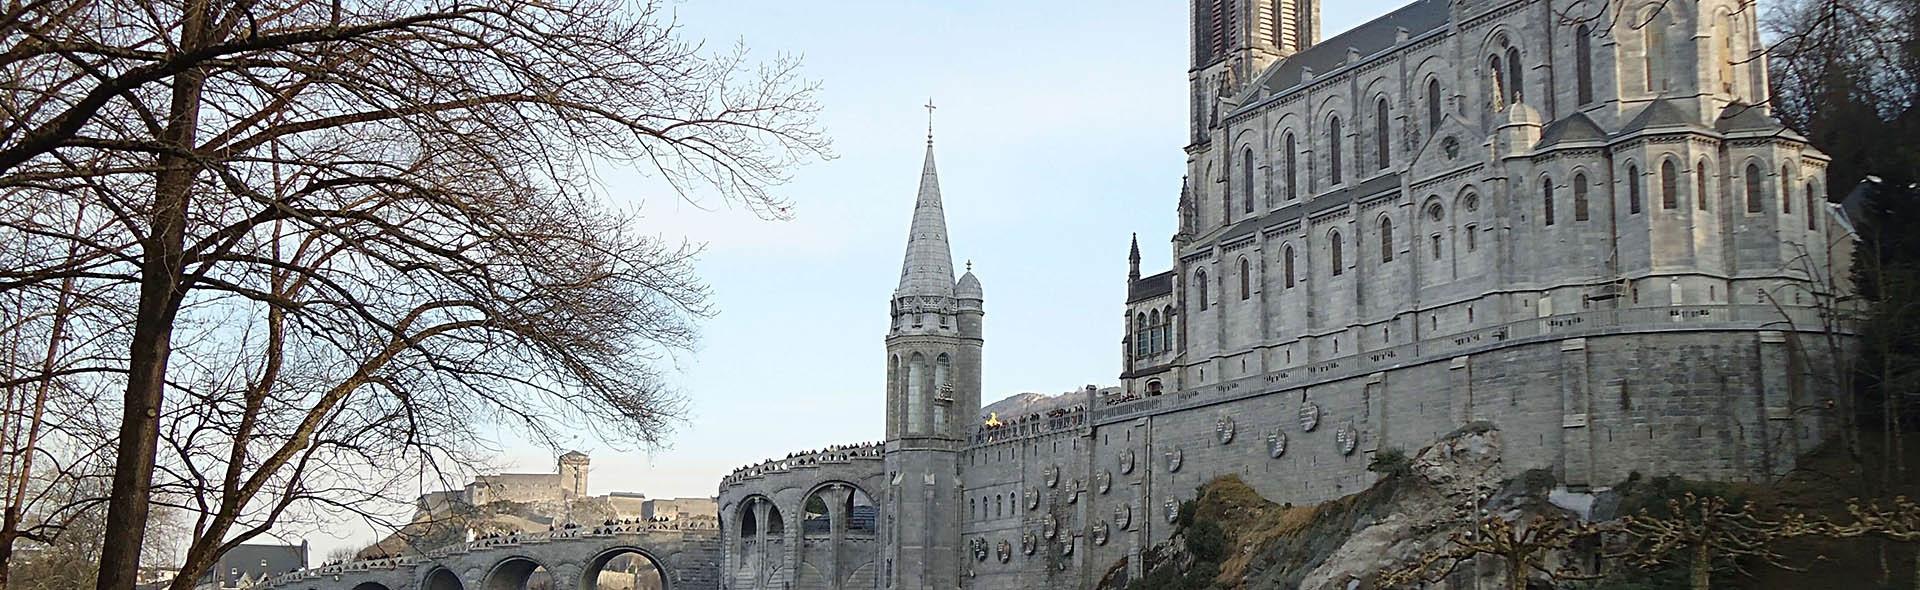 Pellegrinaggio a Lourdes in Pullman dal Nord Immacolata